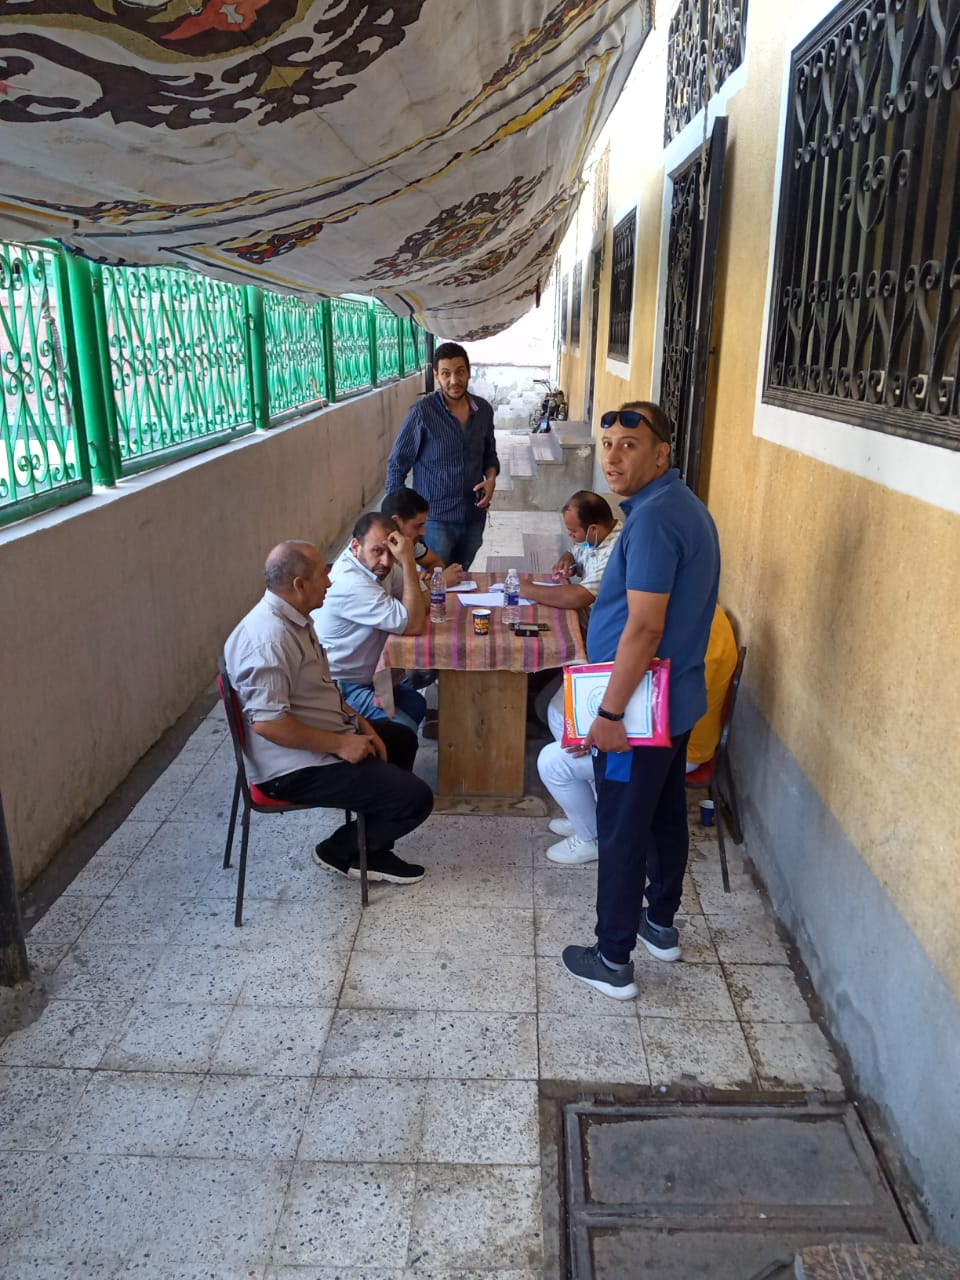 فوز الزواوي ومنصور والبسطويسي بالتذكية و5 أعضاء بالانتخاب بمركز شباب كفر الشيخ (2)